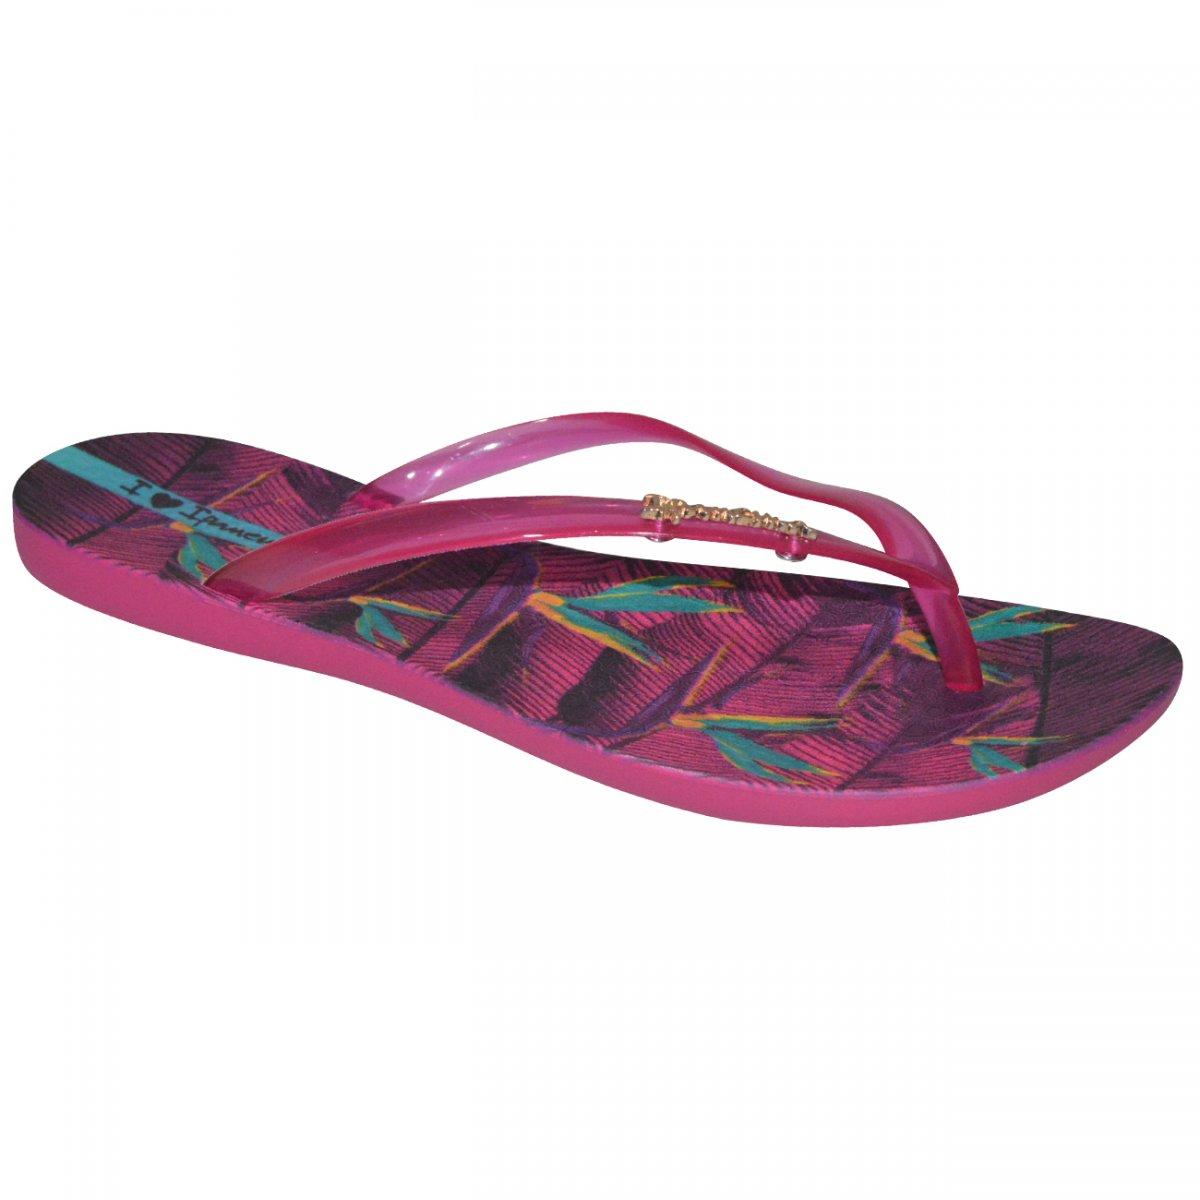 5c22c3fa12 Chinelo Ipanema Wave Tropical 25980 25980 - 20795 - Rosa rosa - Chuteira  Nike